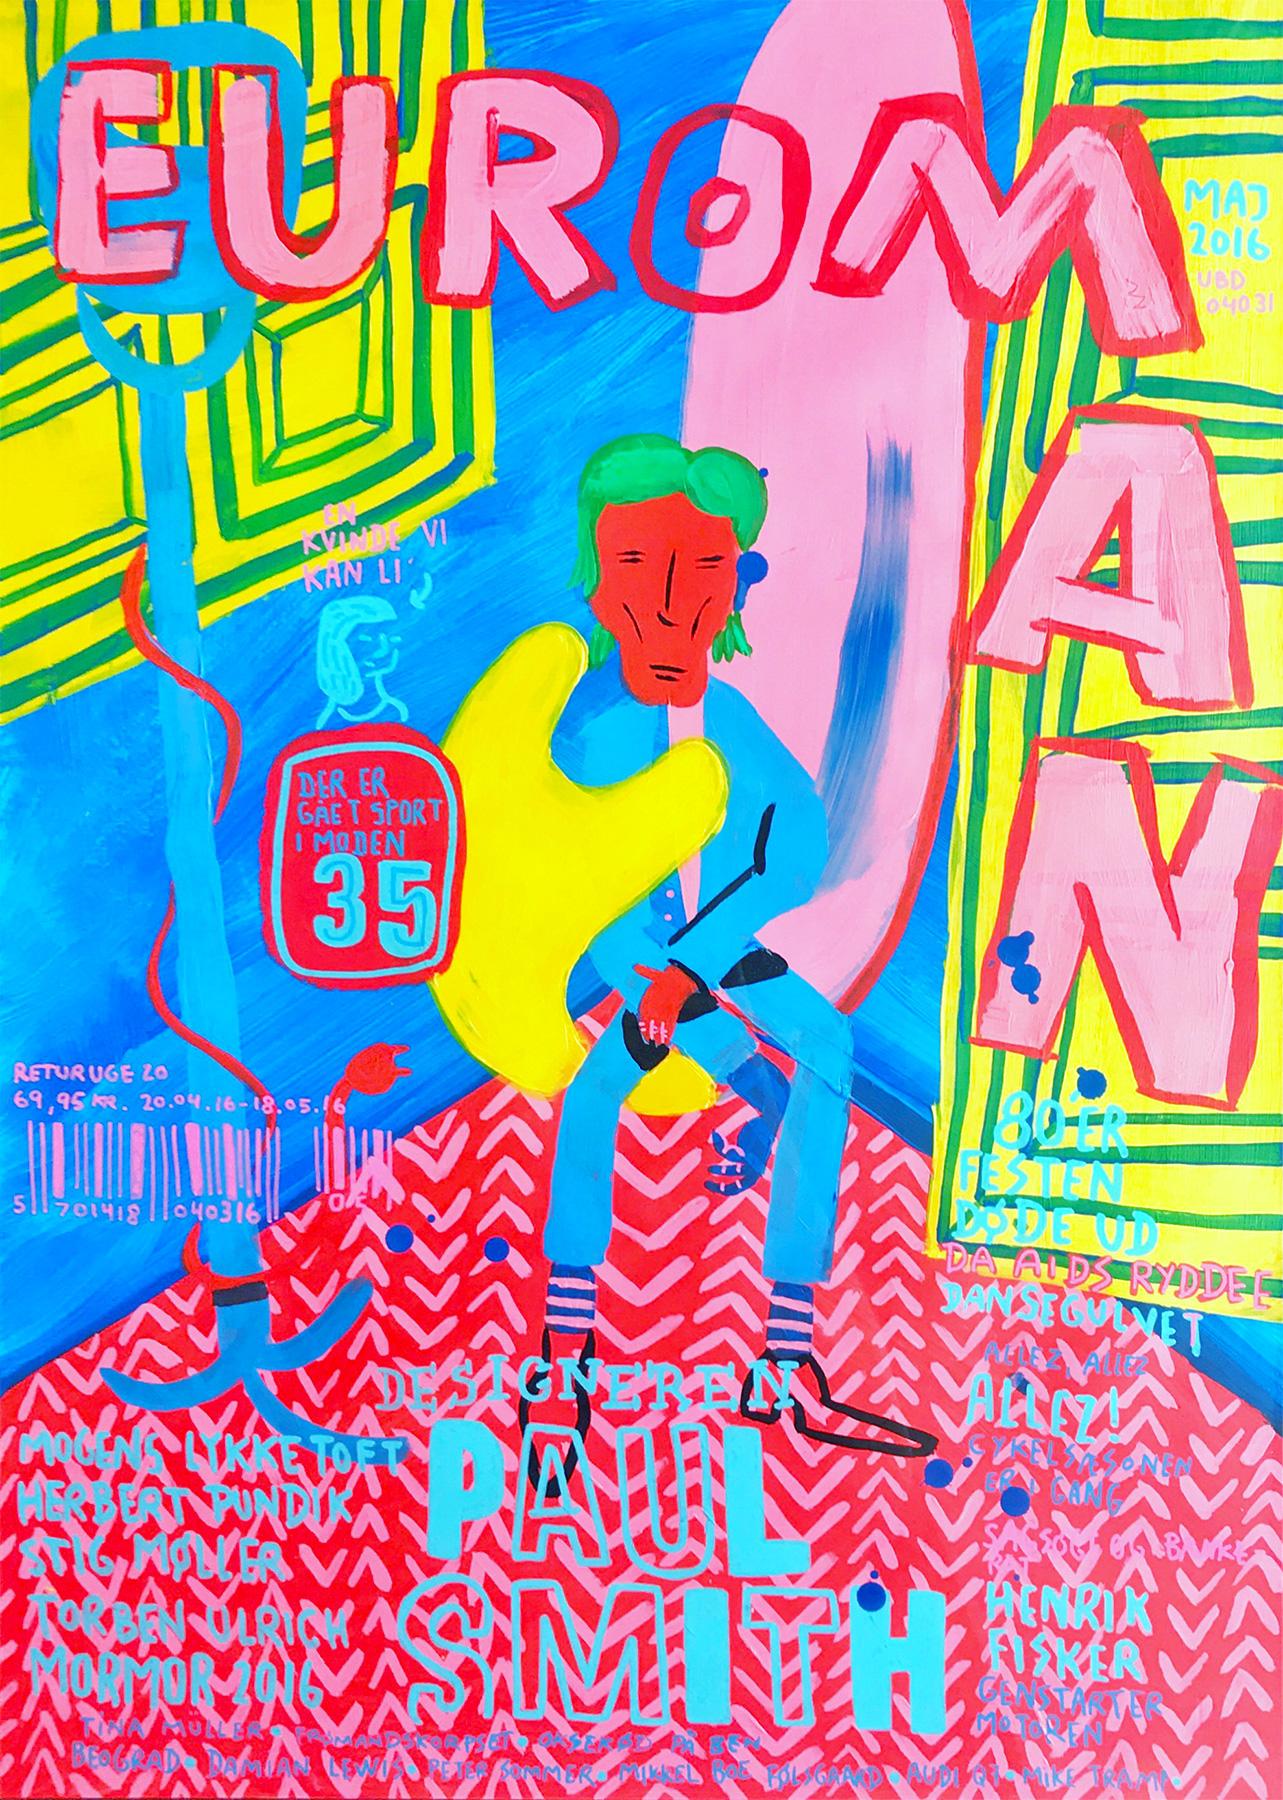 malerier, farverige, illustrative, pop, tegneserier, hverdagsliv, humor, mennesker, blå, pink, gule, akryl, papir, tusch, sjove, kendte-personer, dansk, dekorative, design, interiør, bolig-indretning, moderne, nordisk, skandinavisk, Køb original kunst og kunstplakater. Malerier, tegninger, limited edition kunsttryk & plakater af dygtige kunstnere.